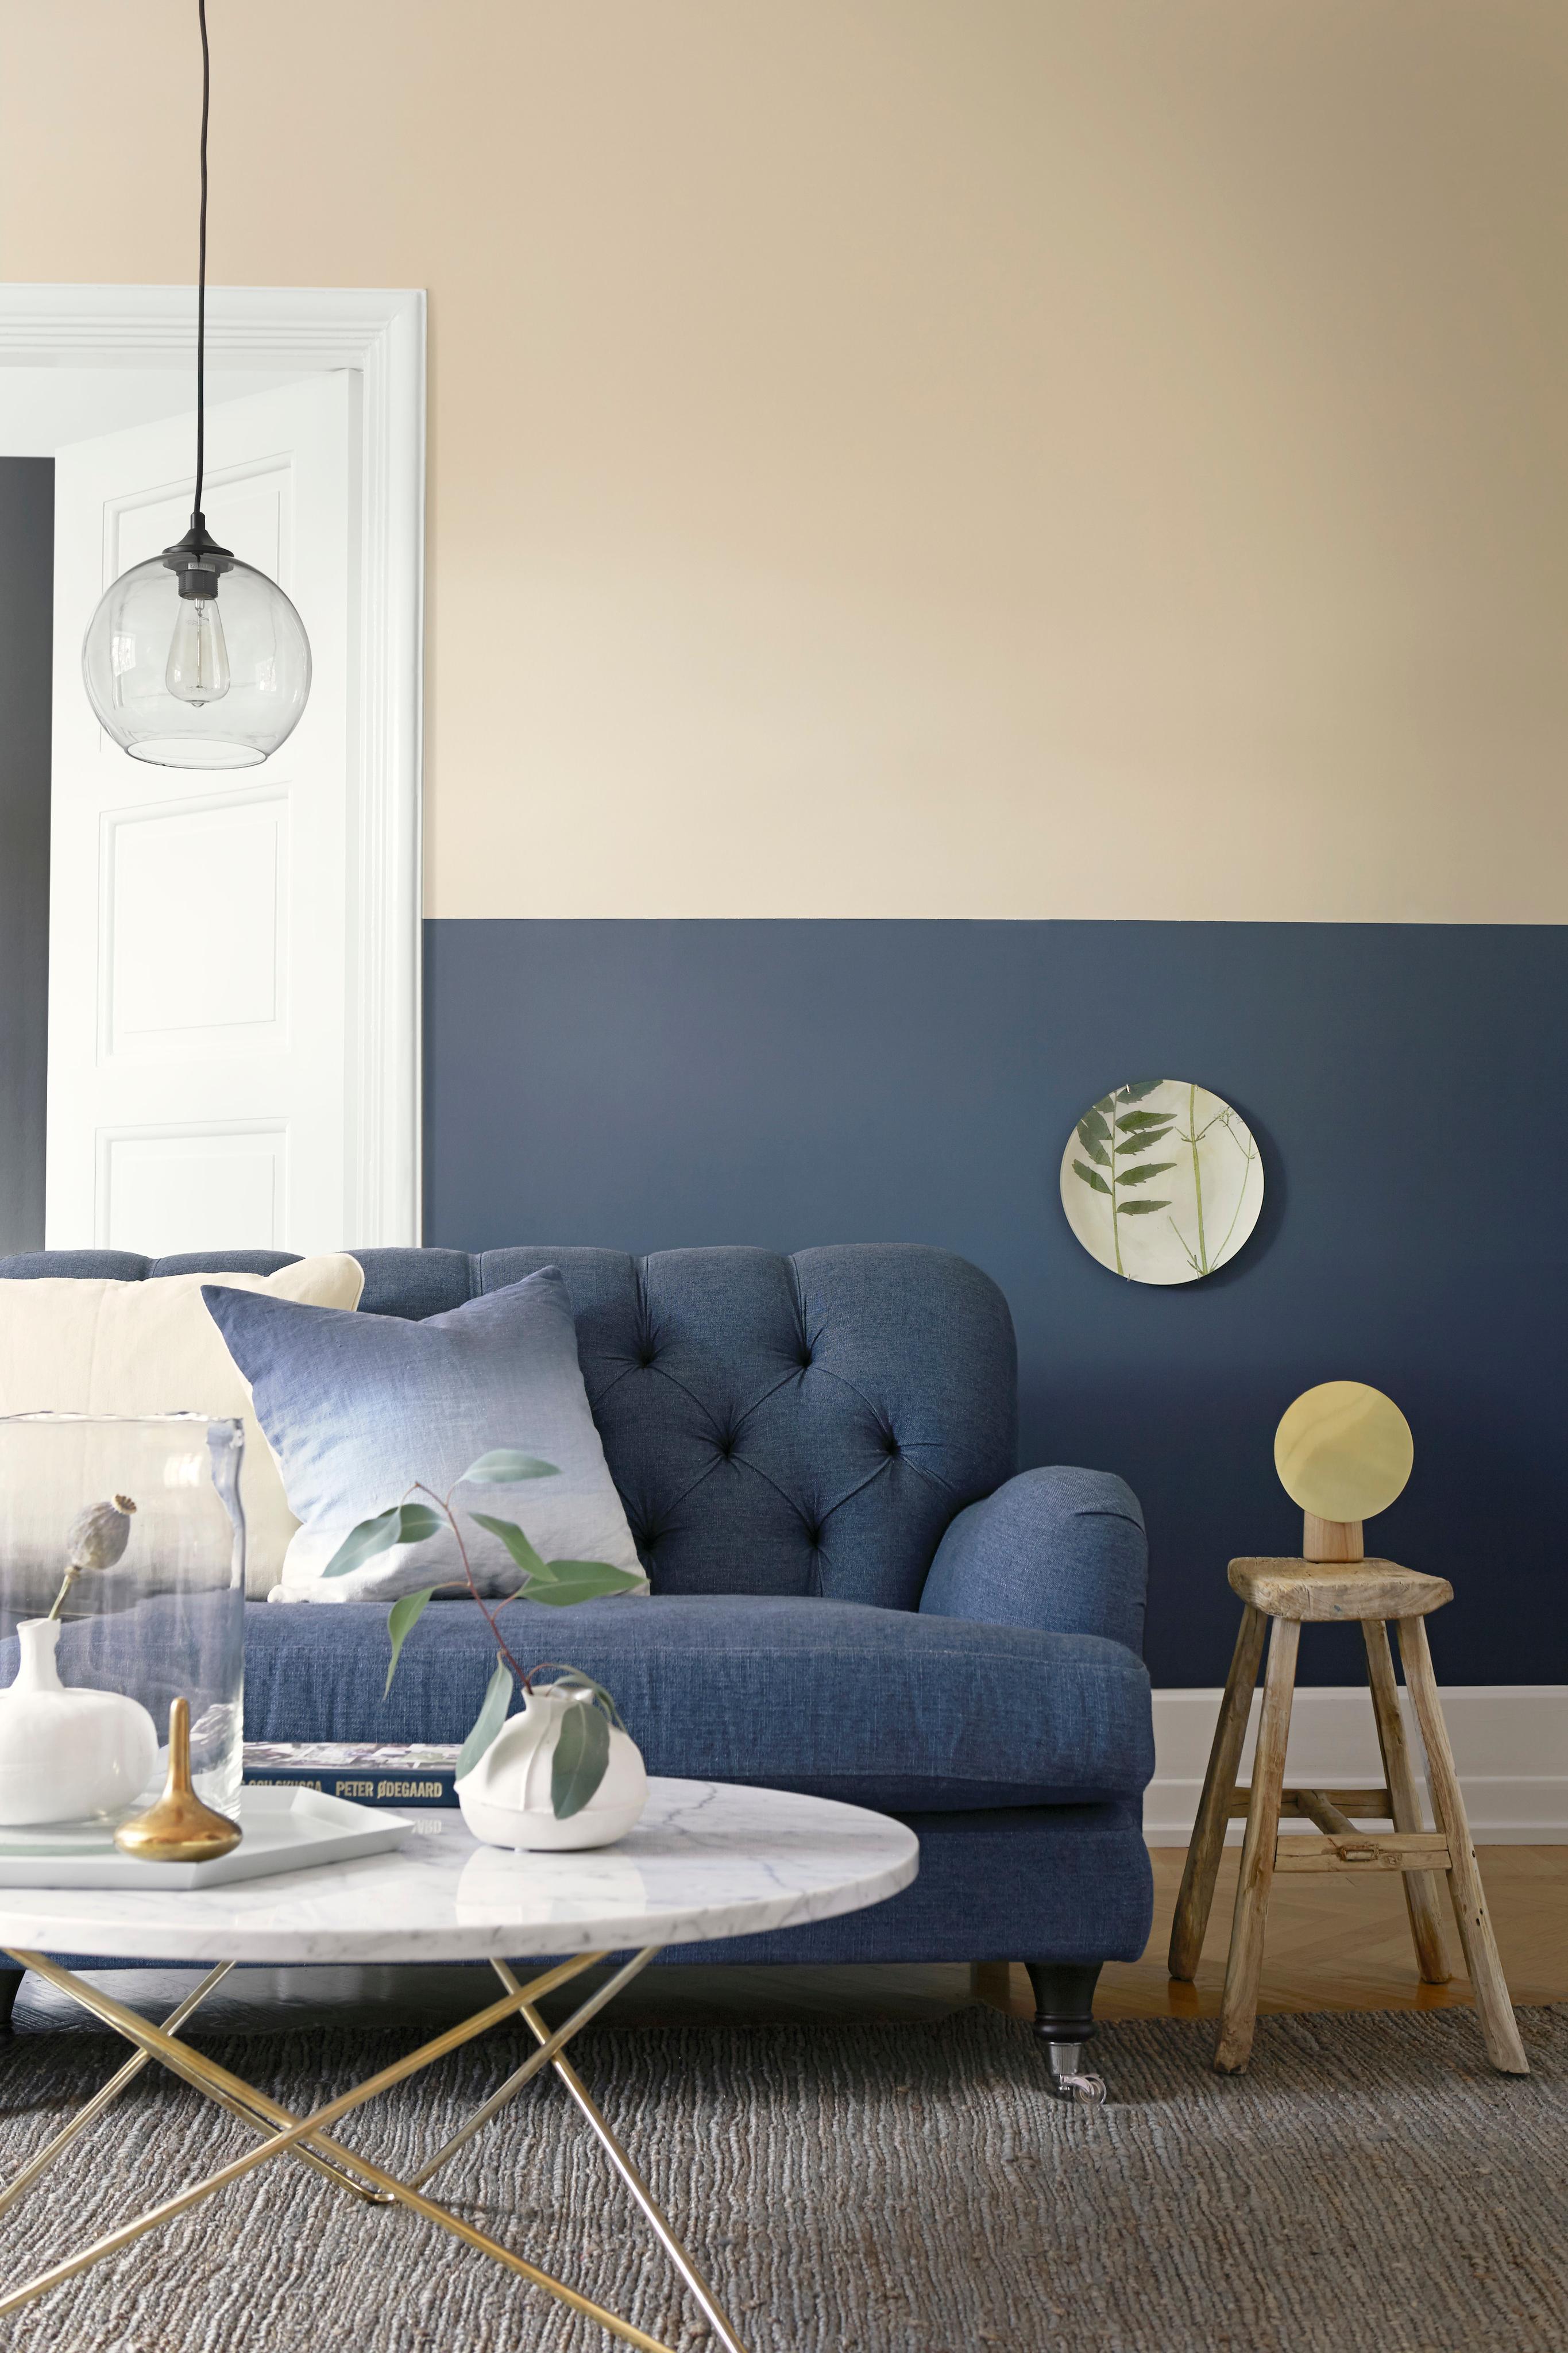 Dunkelblaue Wandfarbe #couchtisch #blauessofa #blauewandfarbe ©Boråstapeter Nice Look